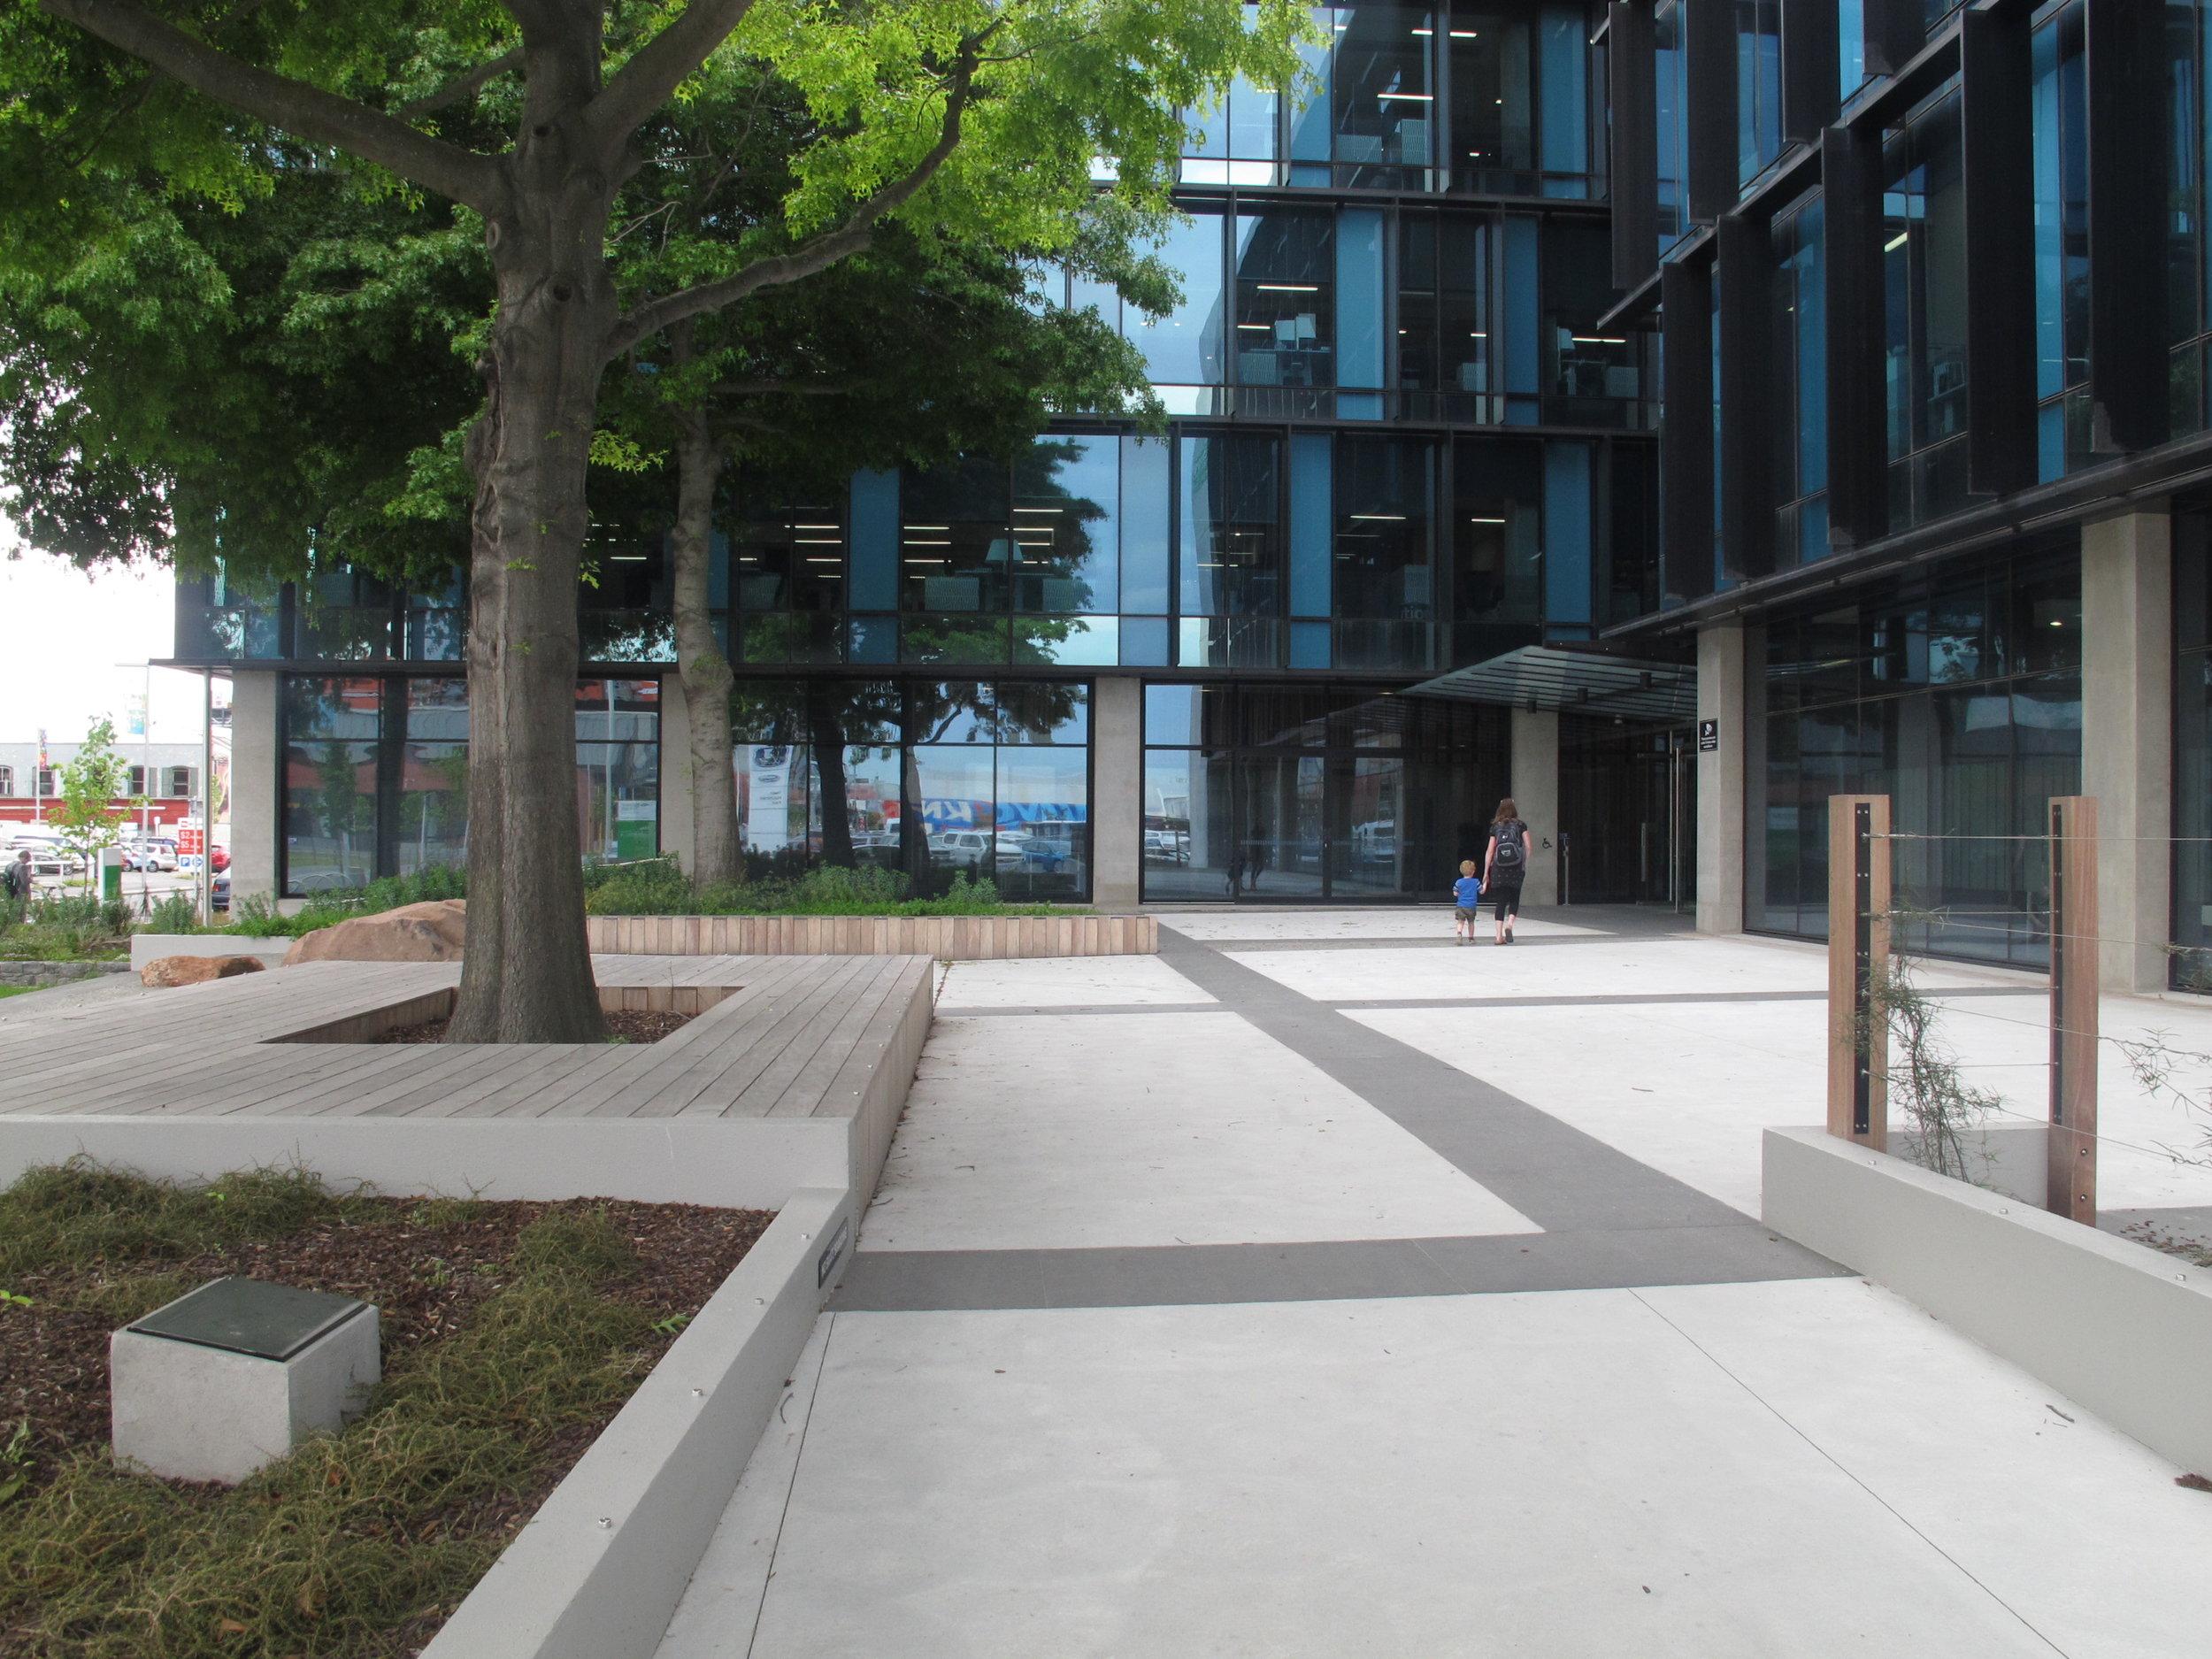 ECAN-building-paving-trees.JPG